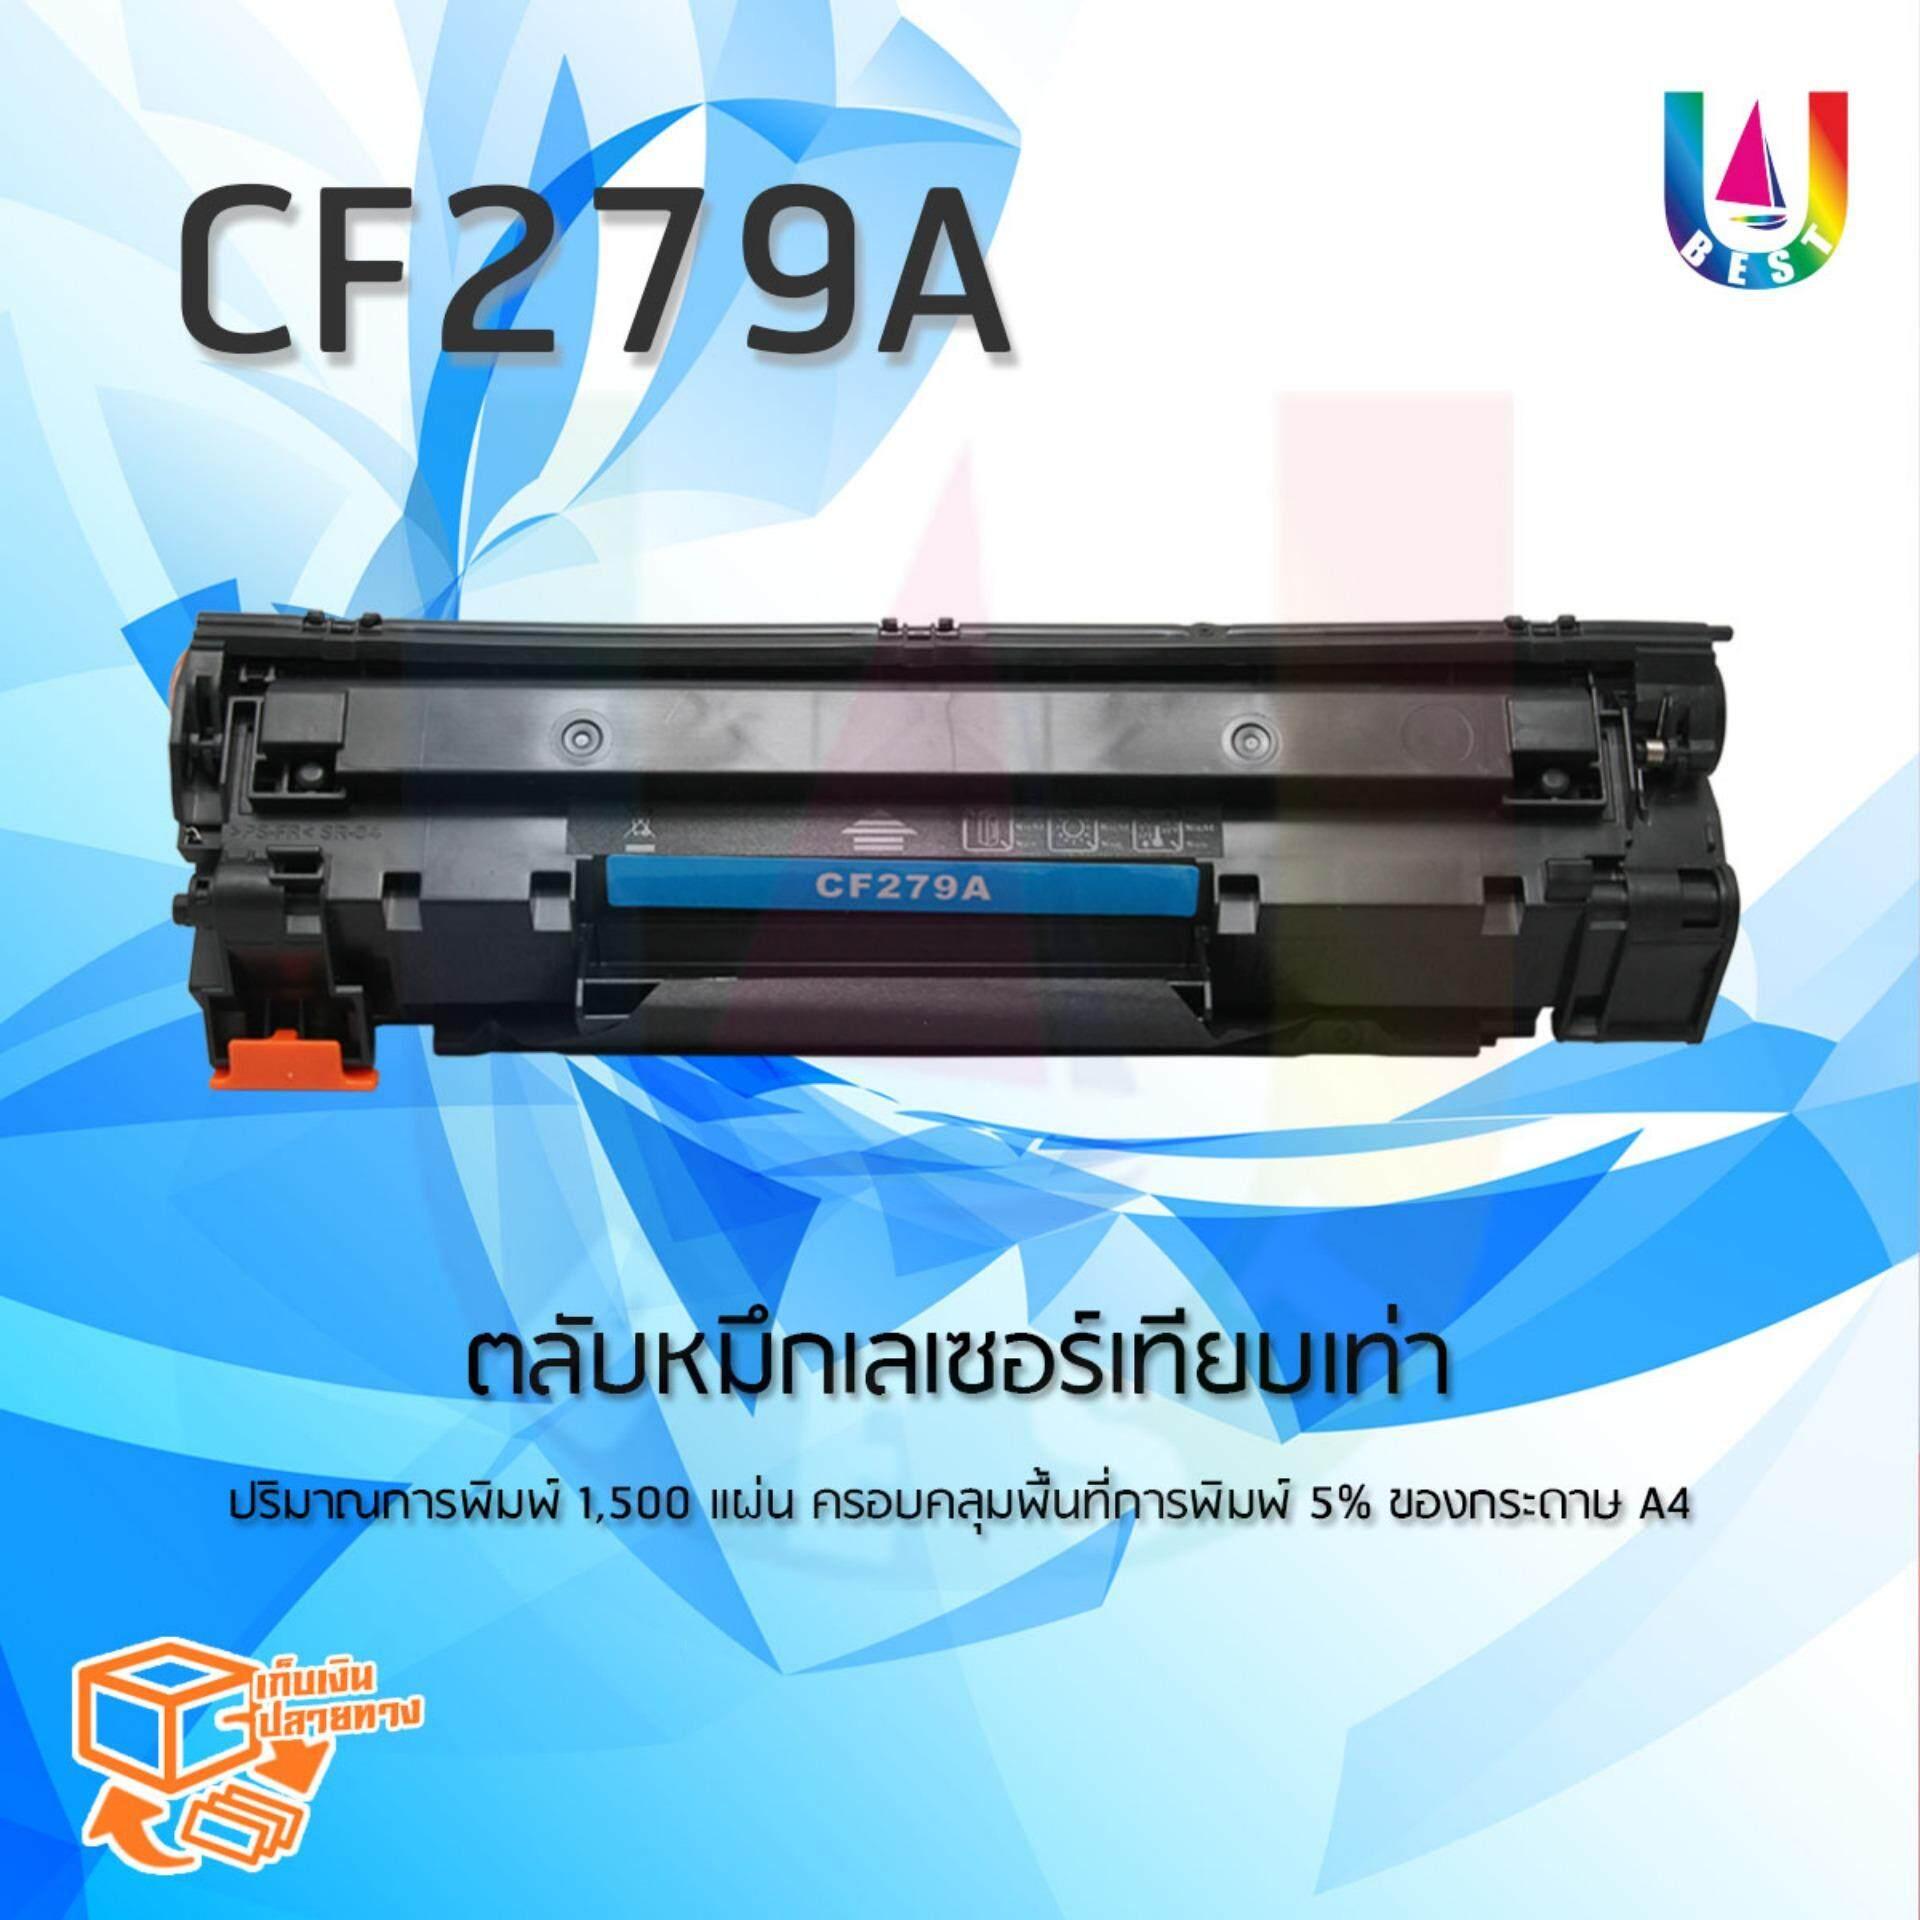 โปรโมชั่น Best 4 U For Compatible Laser Toner Cartridge Hp Cf279A 79A ใน กรุงเทพมหานคร